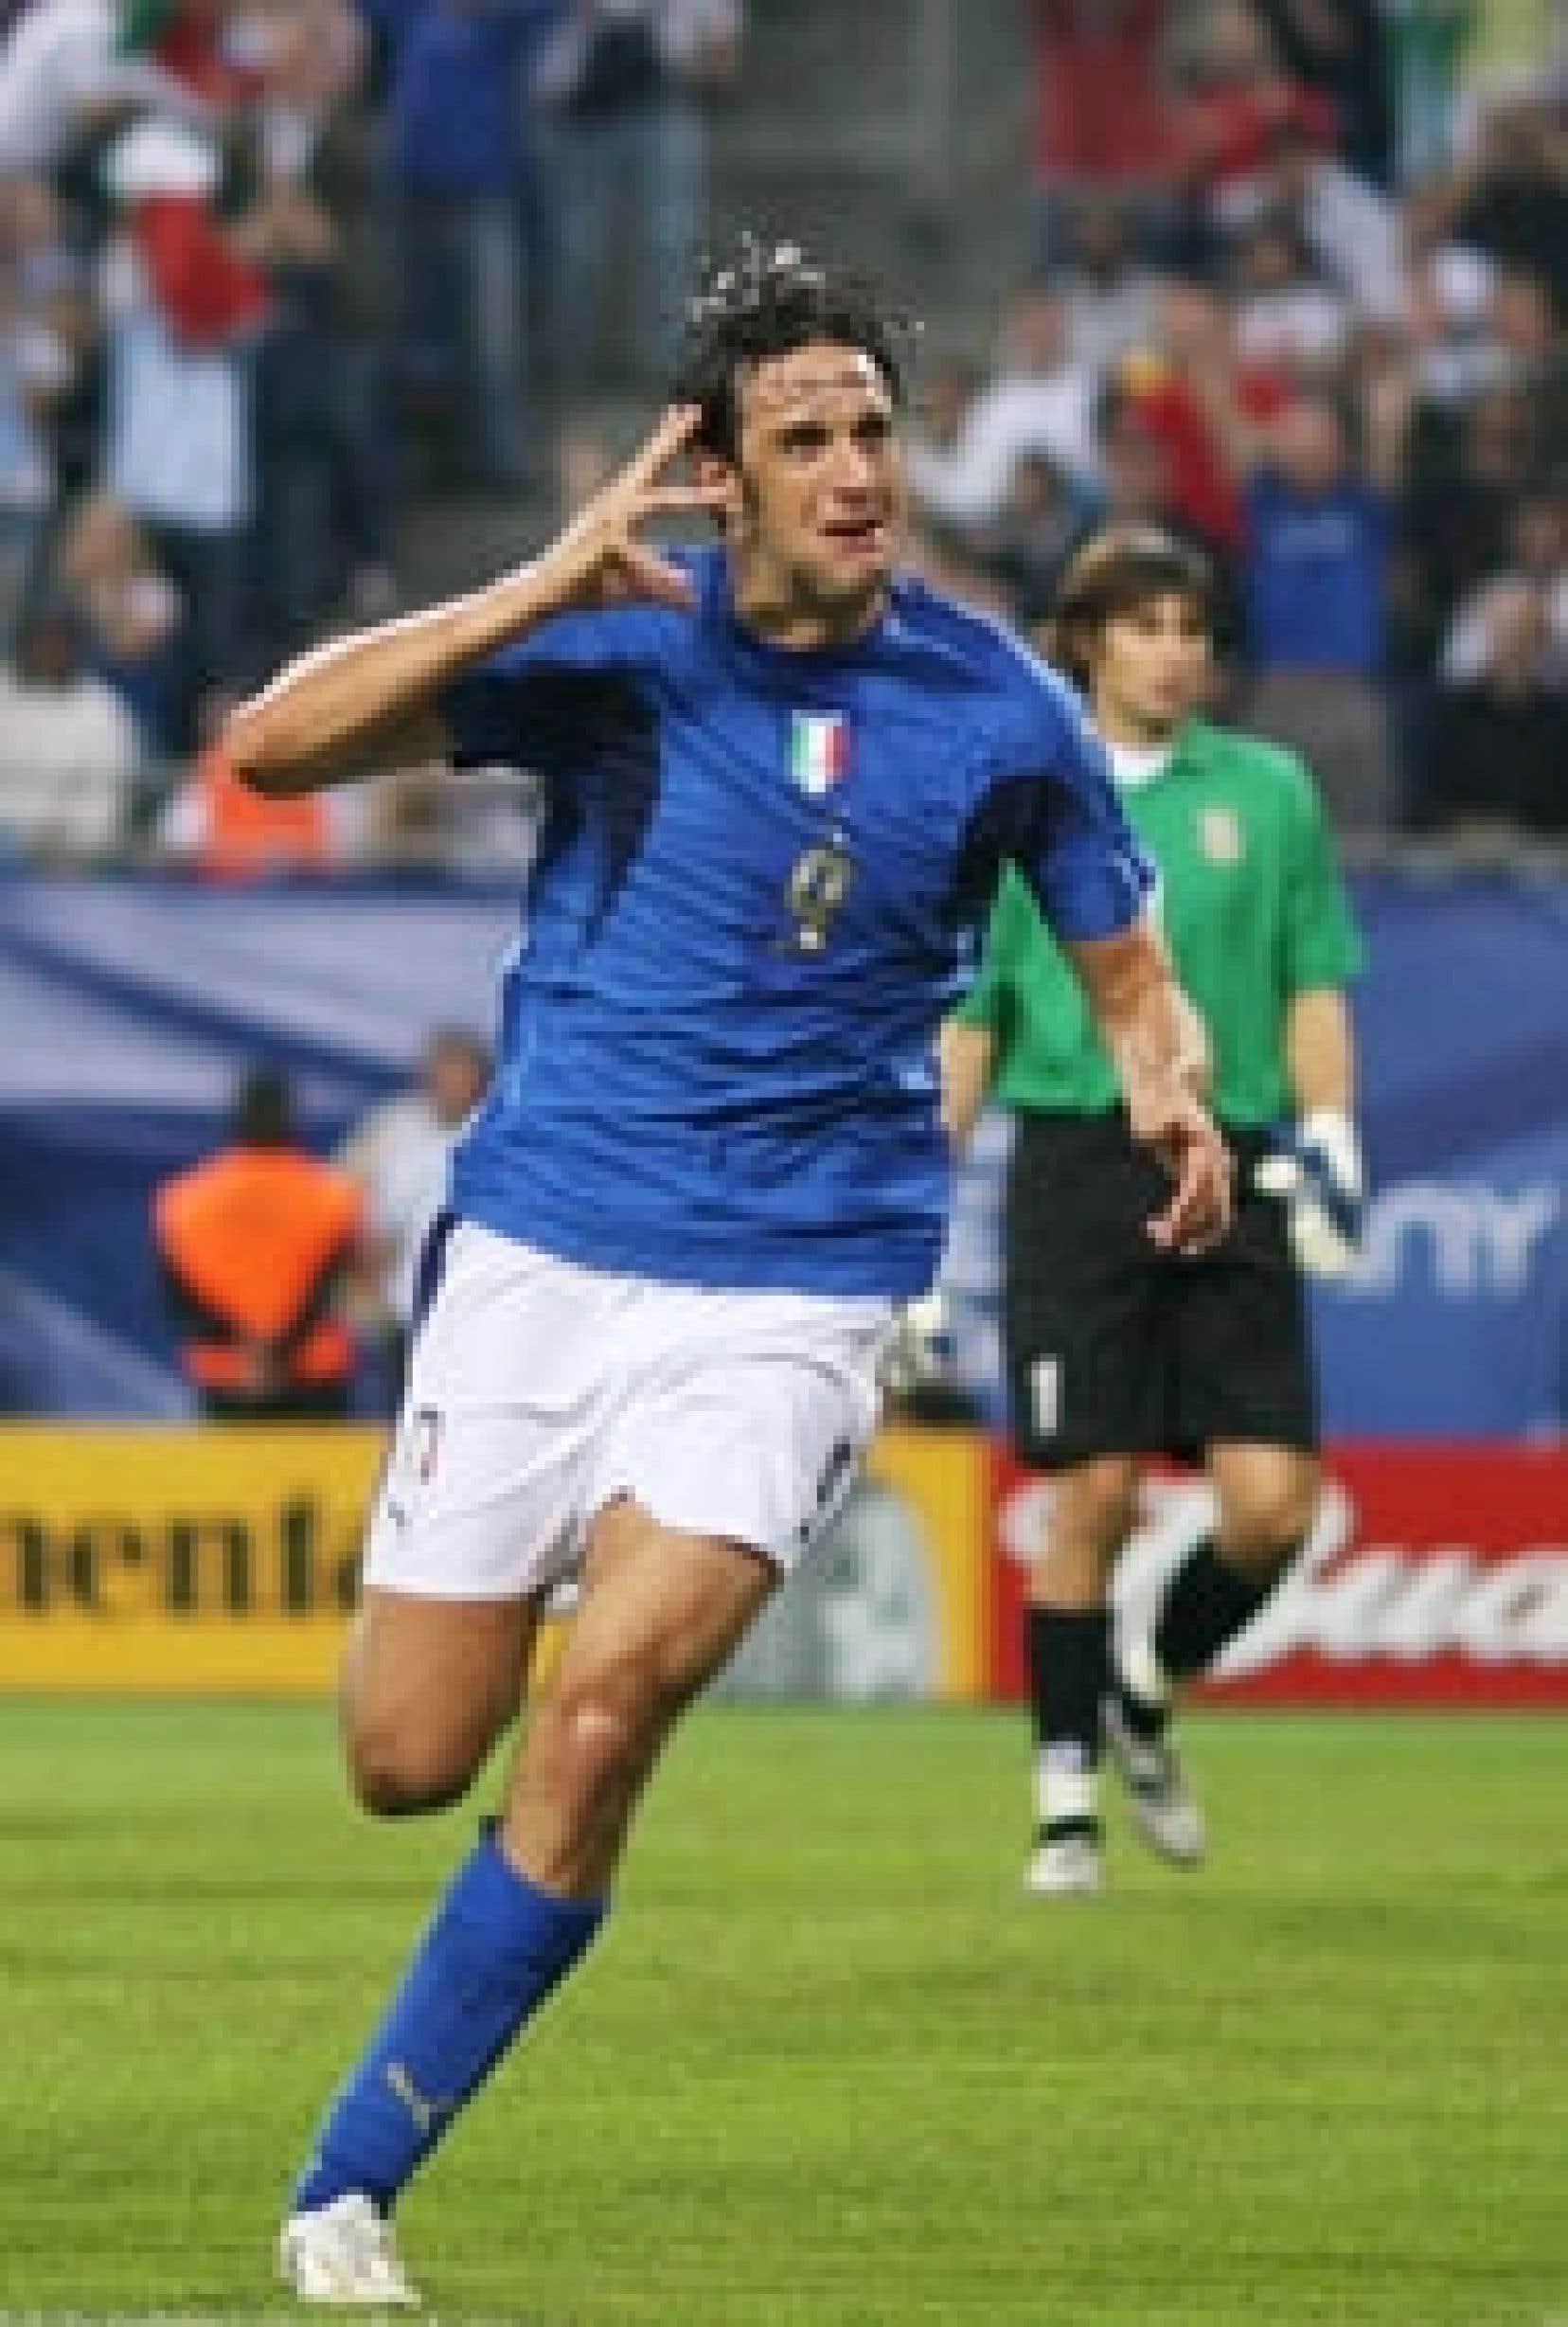 L'attaquant italien Luca Toni a enfin justifié son titre de meilleur buteur européen en marquant ses deux premiers buts au Mondial 2006 lors de la large victoire de la Squadra Azzurra devant l'Ukraine (3-0) en quart de finale, hier à Hambourg.